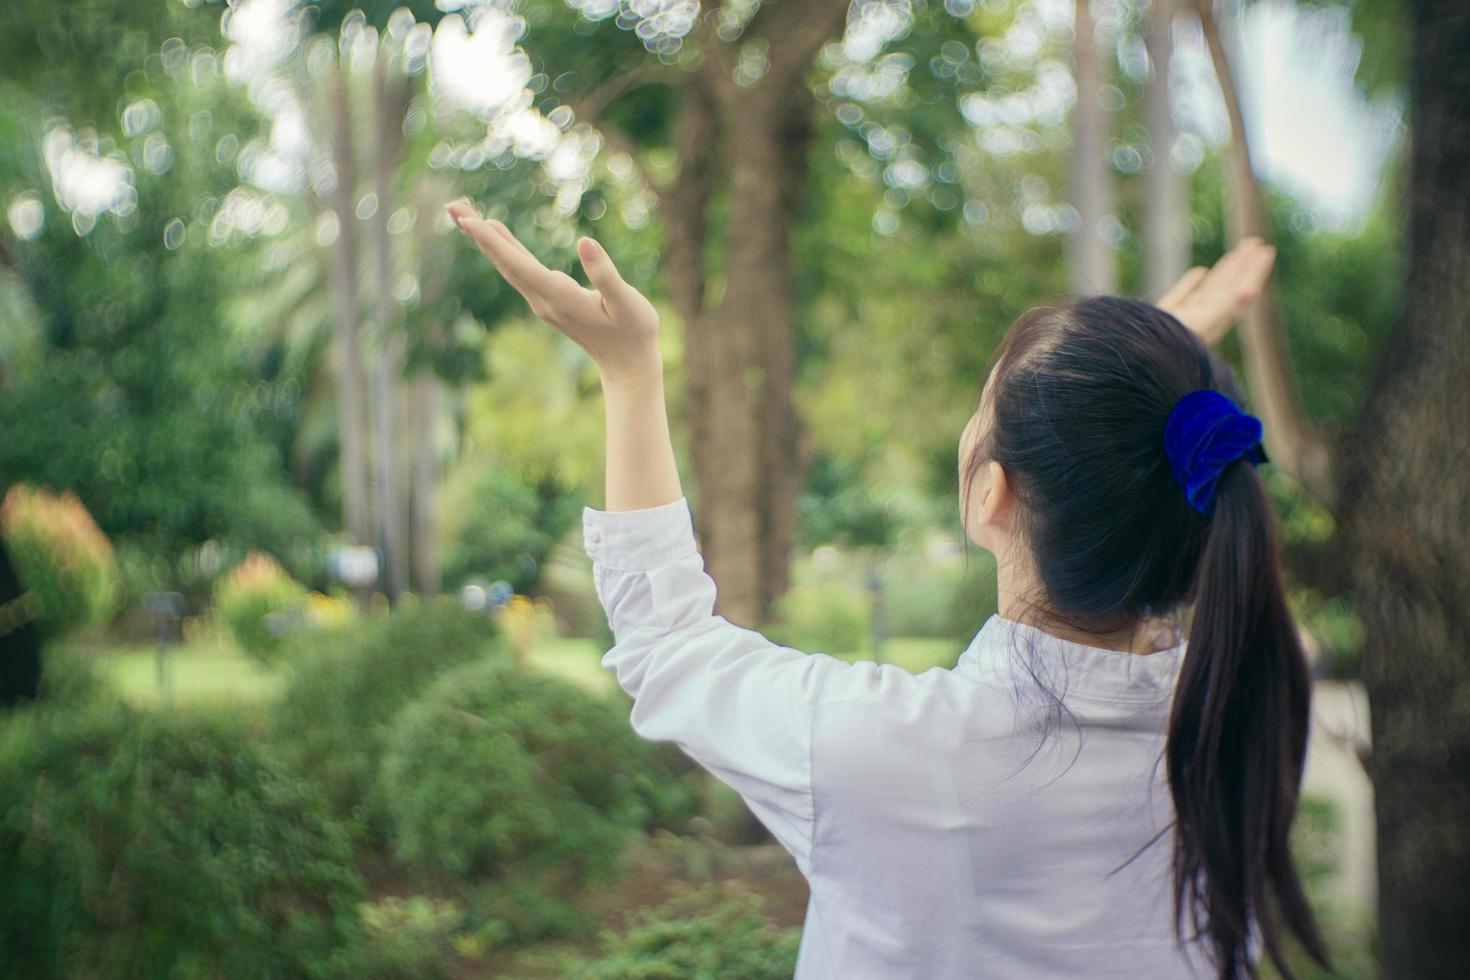 vrouw dansen buiten foto